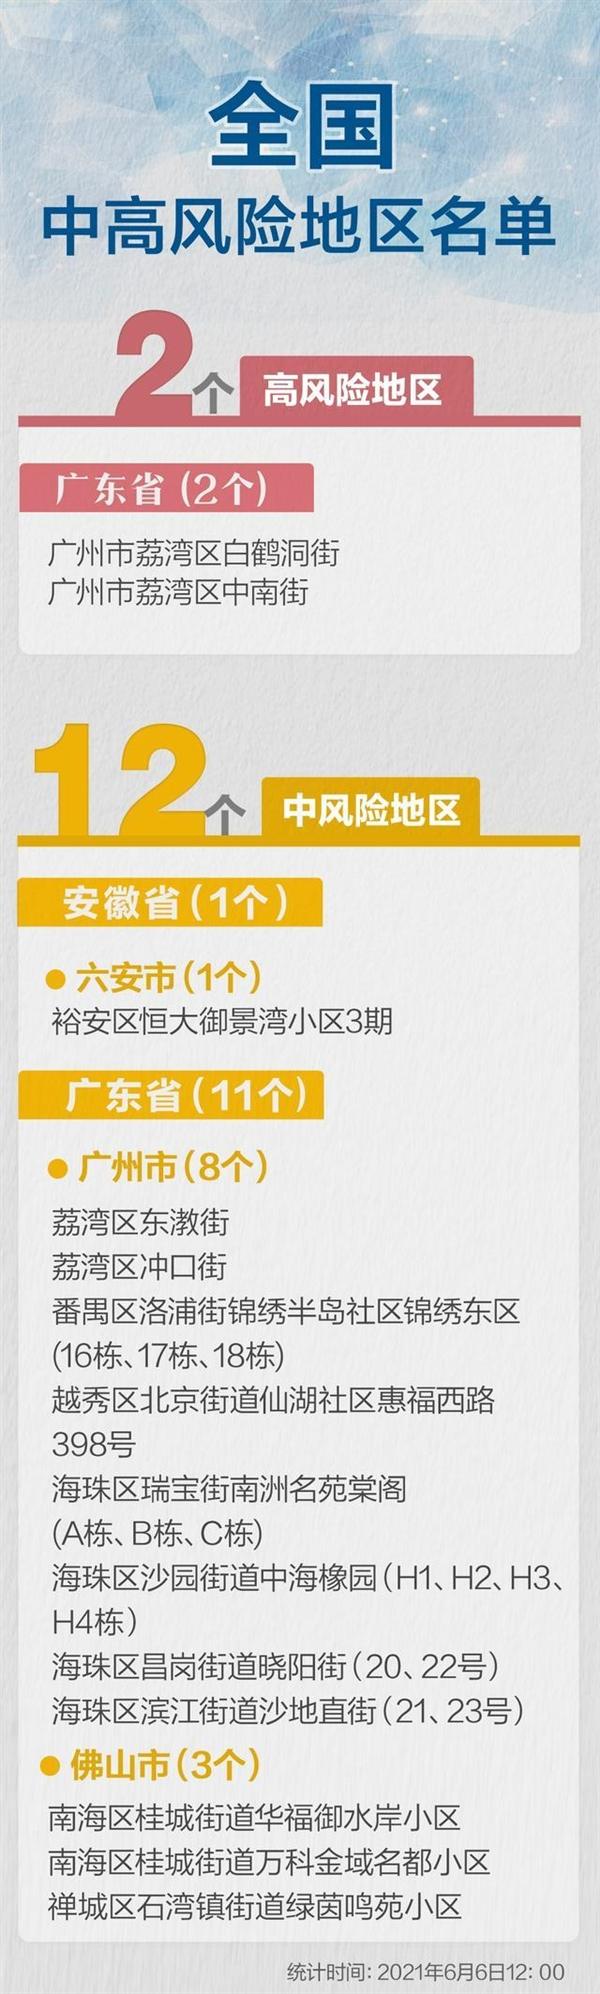 广东吴川发现1例无症状感染者:全国共2个高风险区12个中风险区